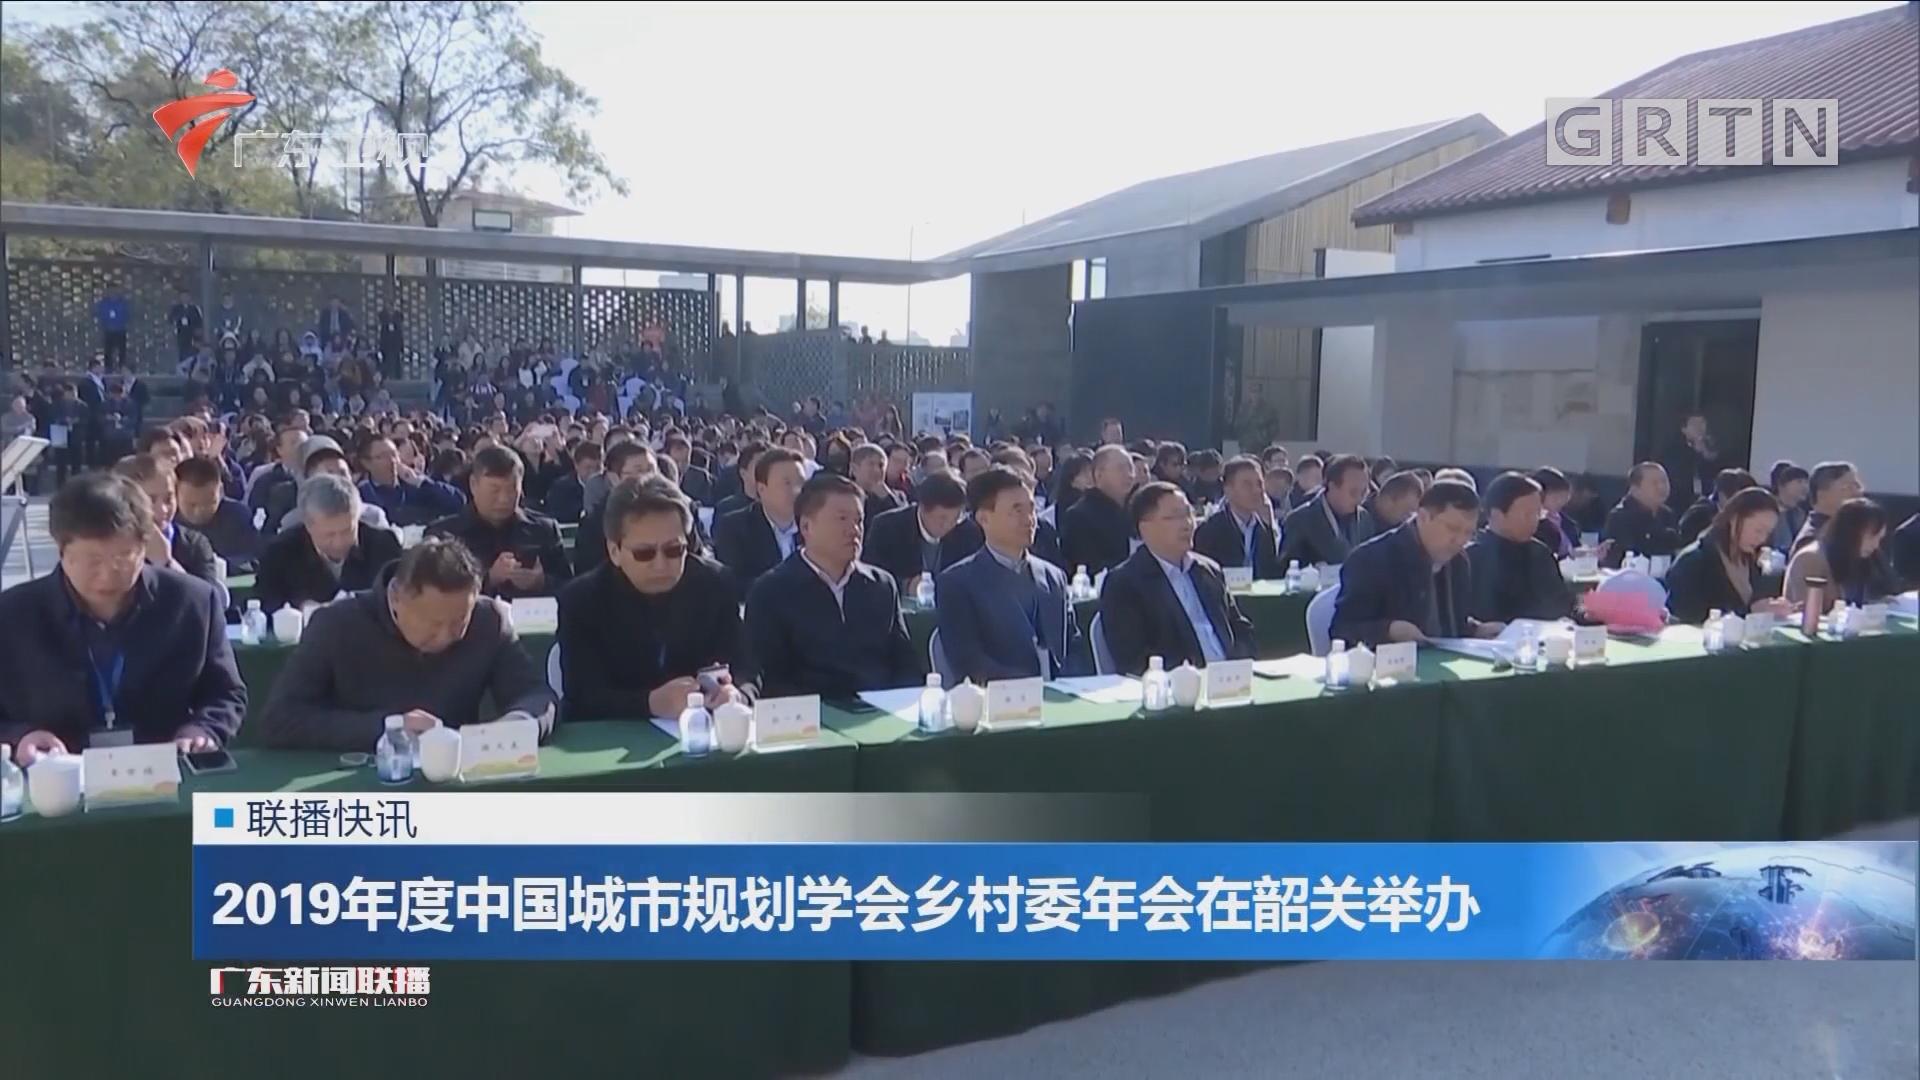 2019年度中国城市规划学会乡村委年会在韶关举办